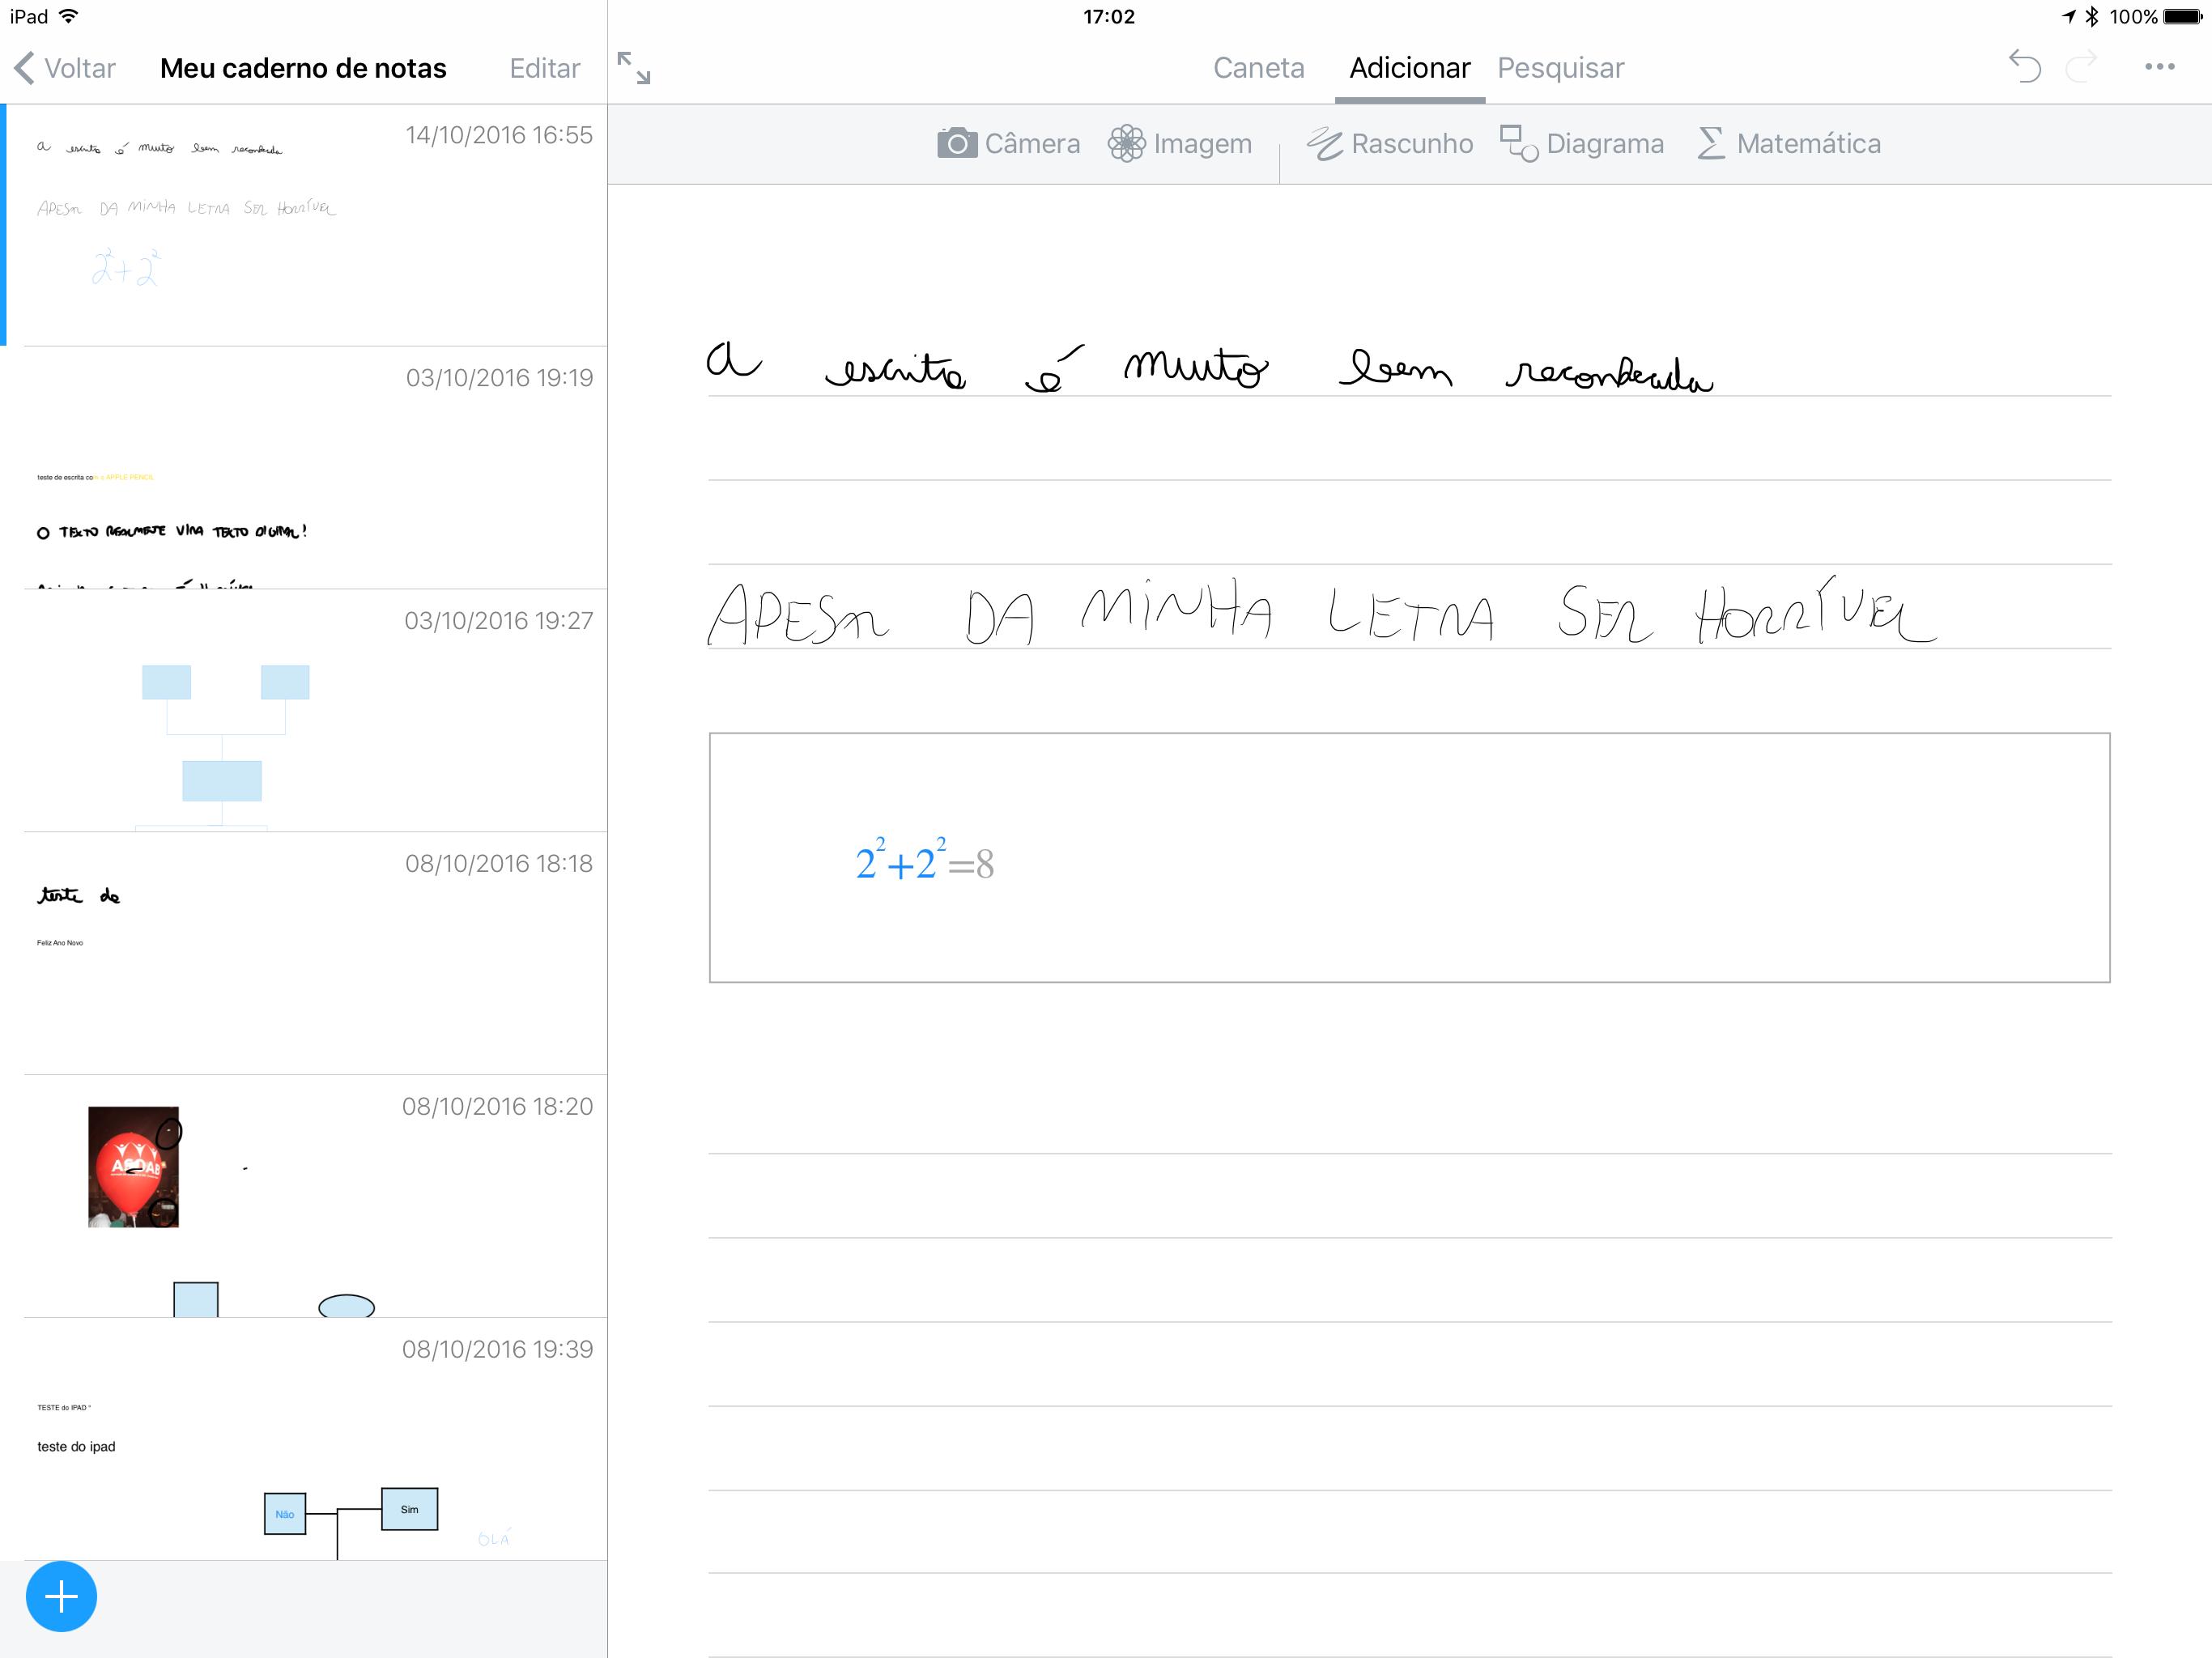 Equações matemáticas no app Nebo para iOS (iPads)